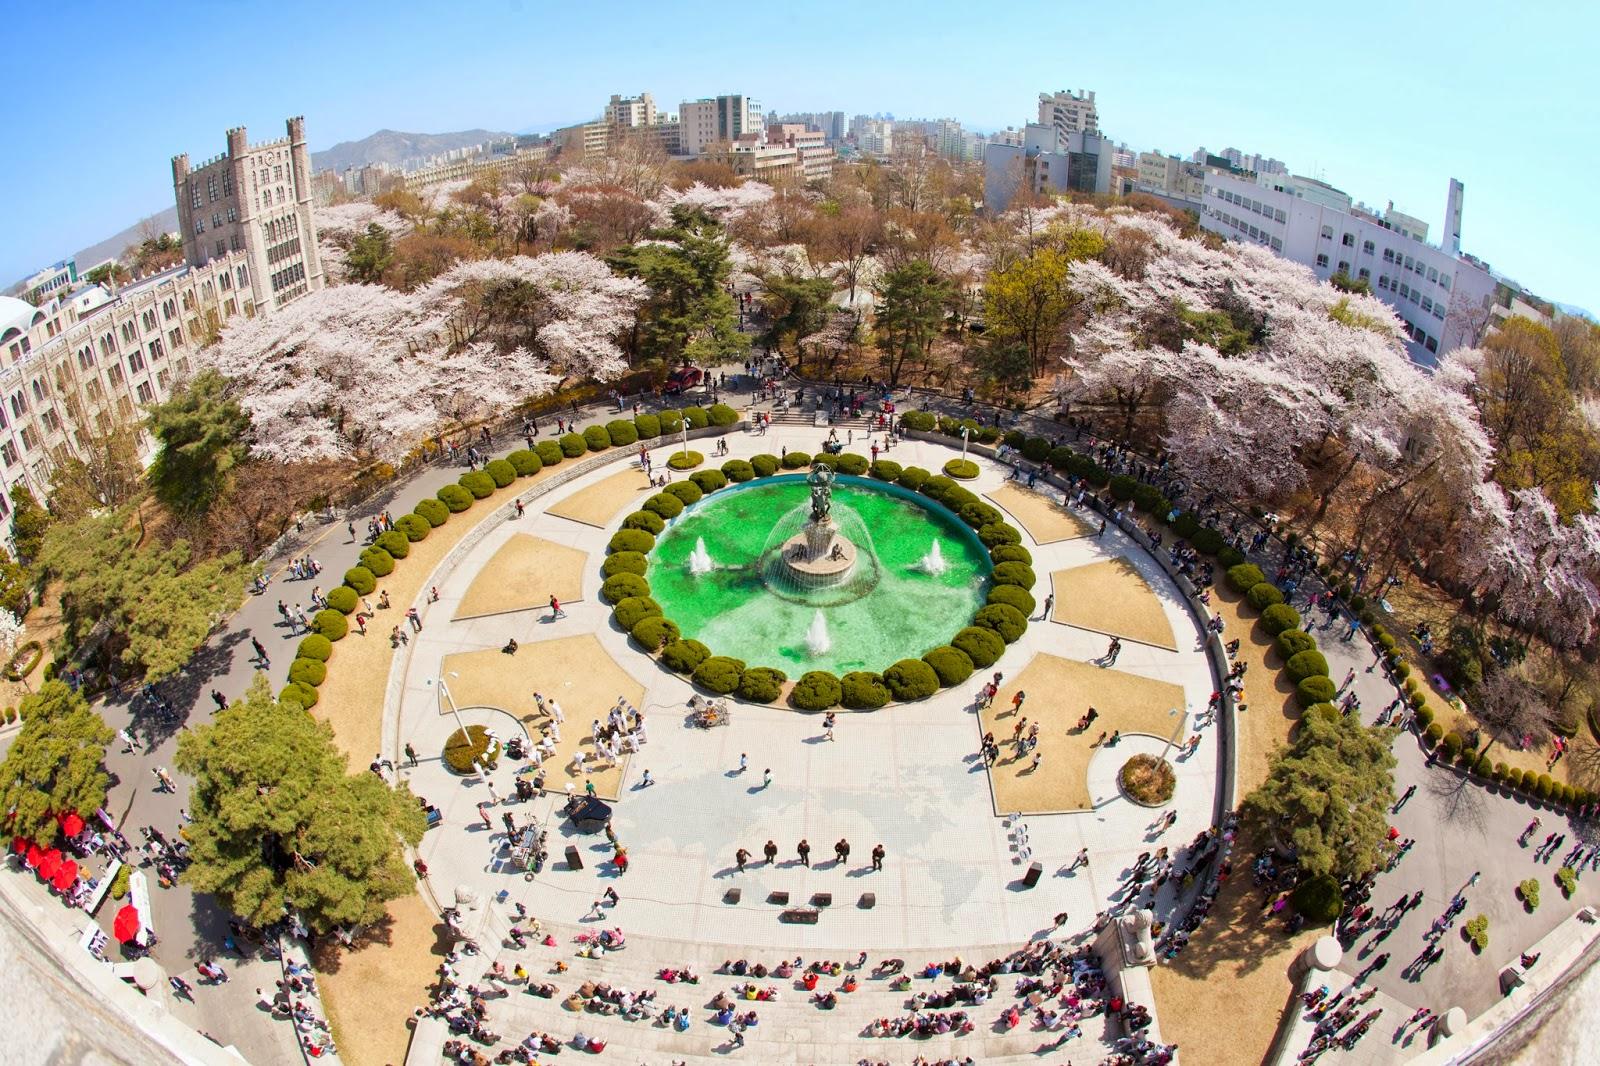 Khuôn viên rộng lớn và hoành tráng đh Kyung hee